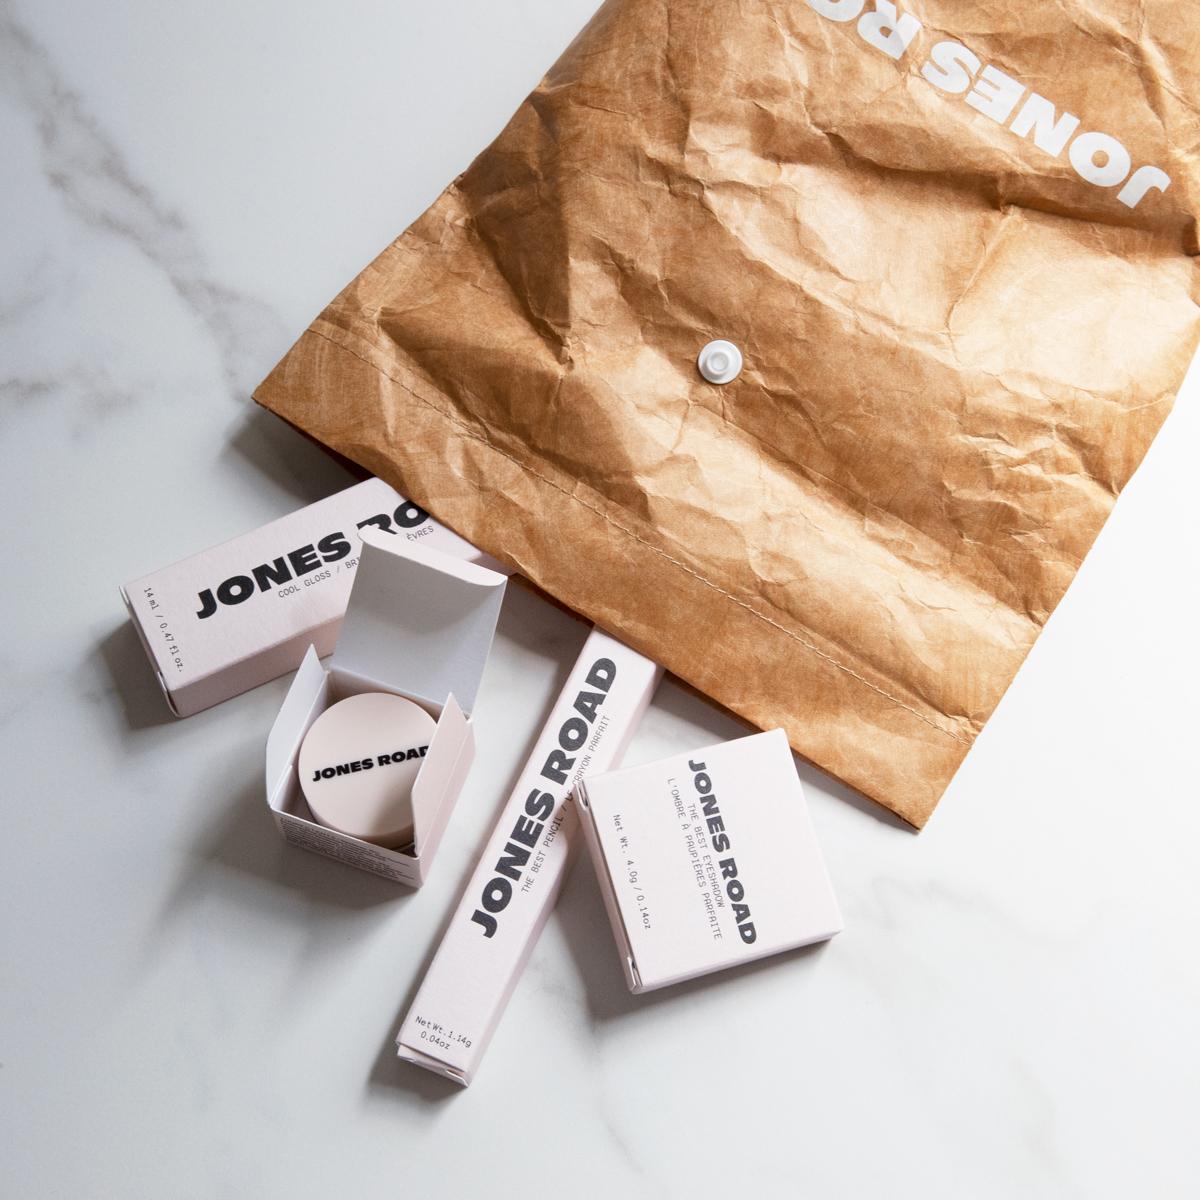 Jones Road Beauty Starter Kit